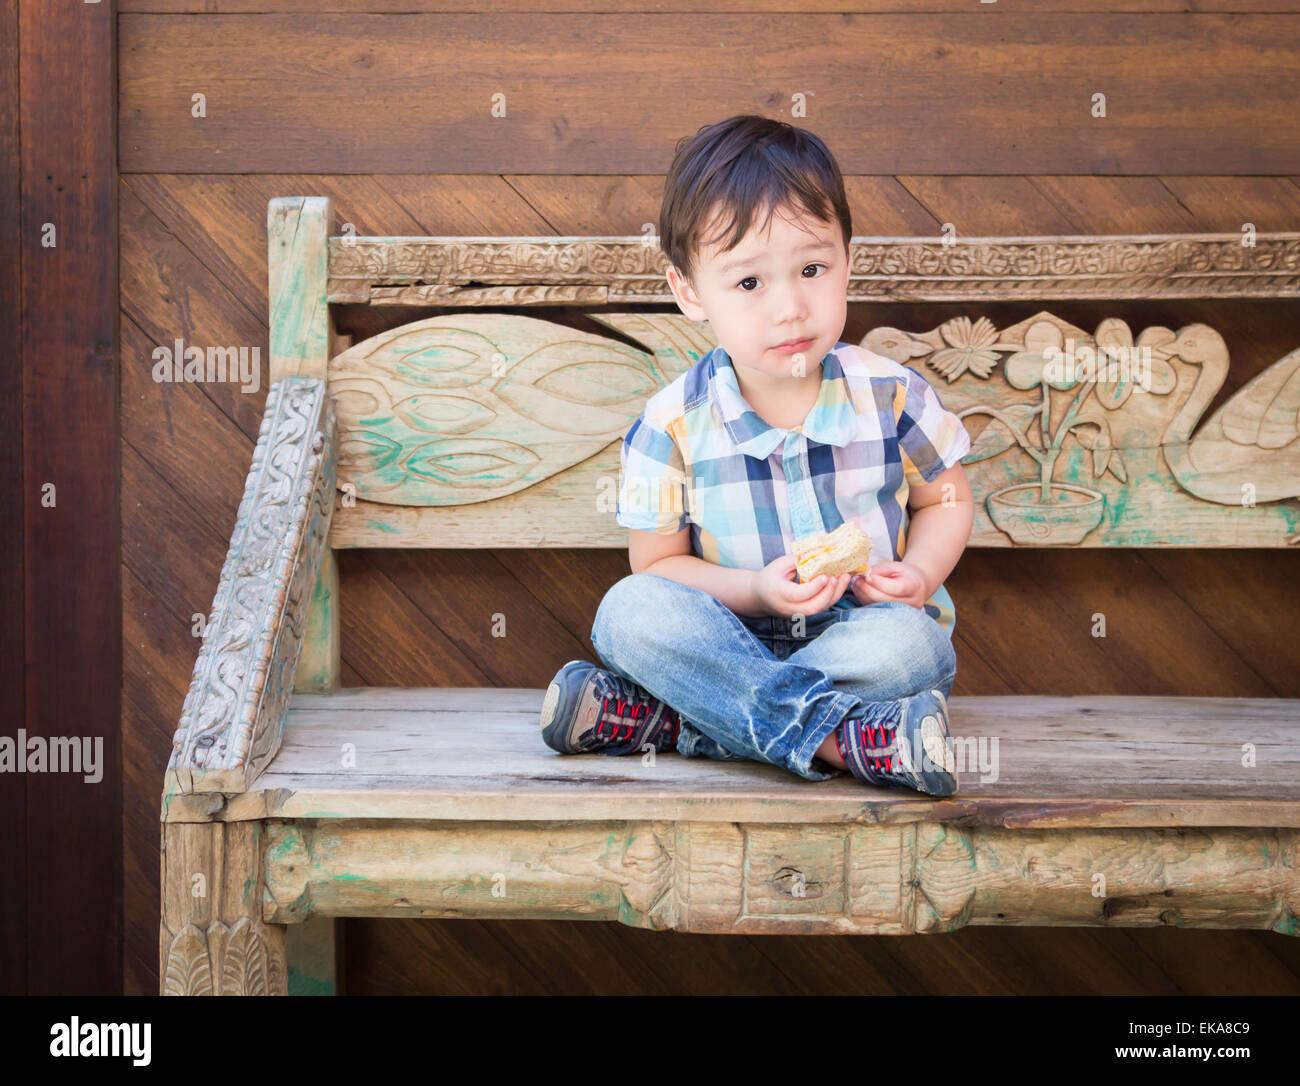 Carino rilassata razza mista ragazzo seduto sul banco di mangiare il suo panino. Immagini Stock